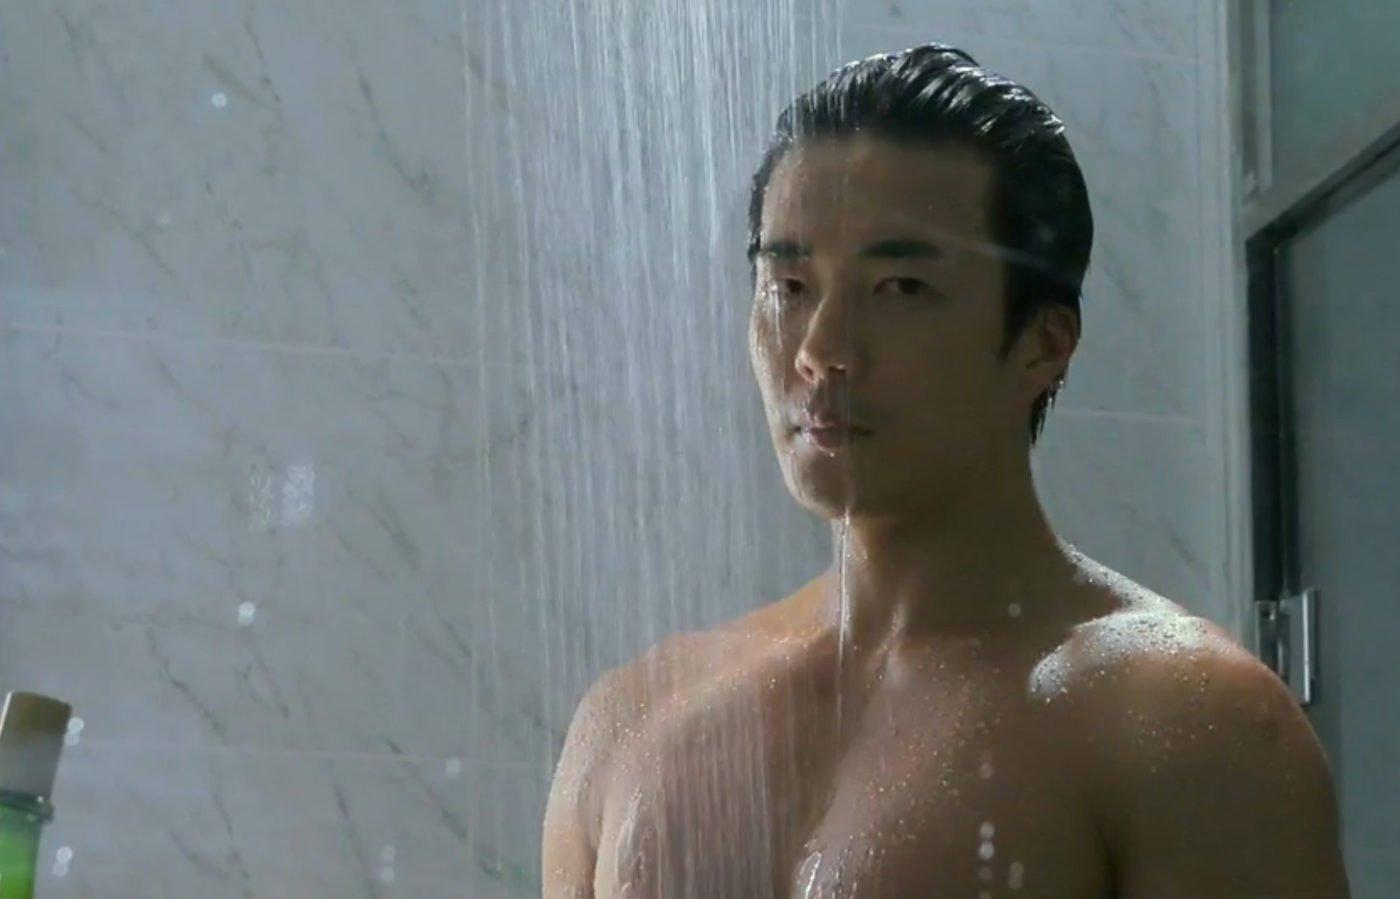 운동 전에 샤워를 하면 좋은 이유   지큐 코리아 (GQ Korea)